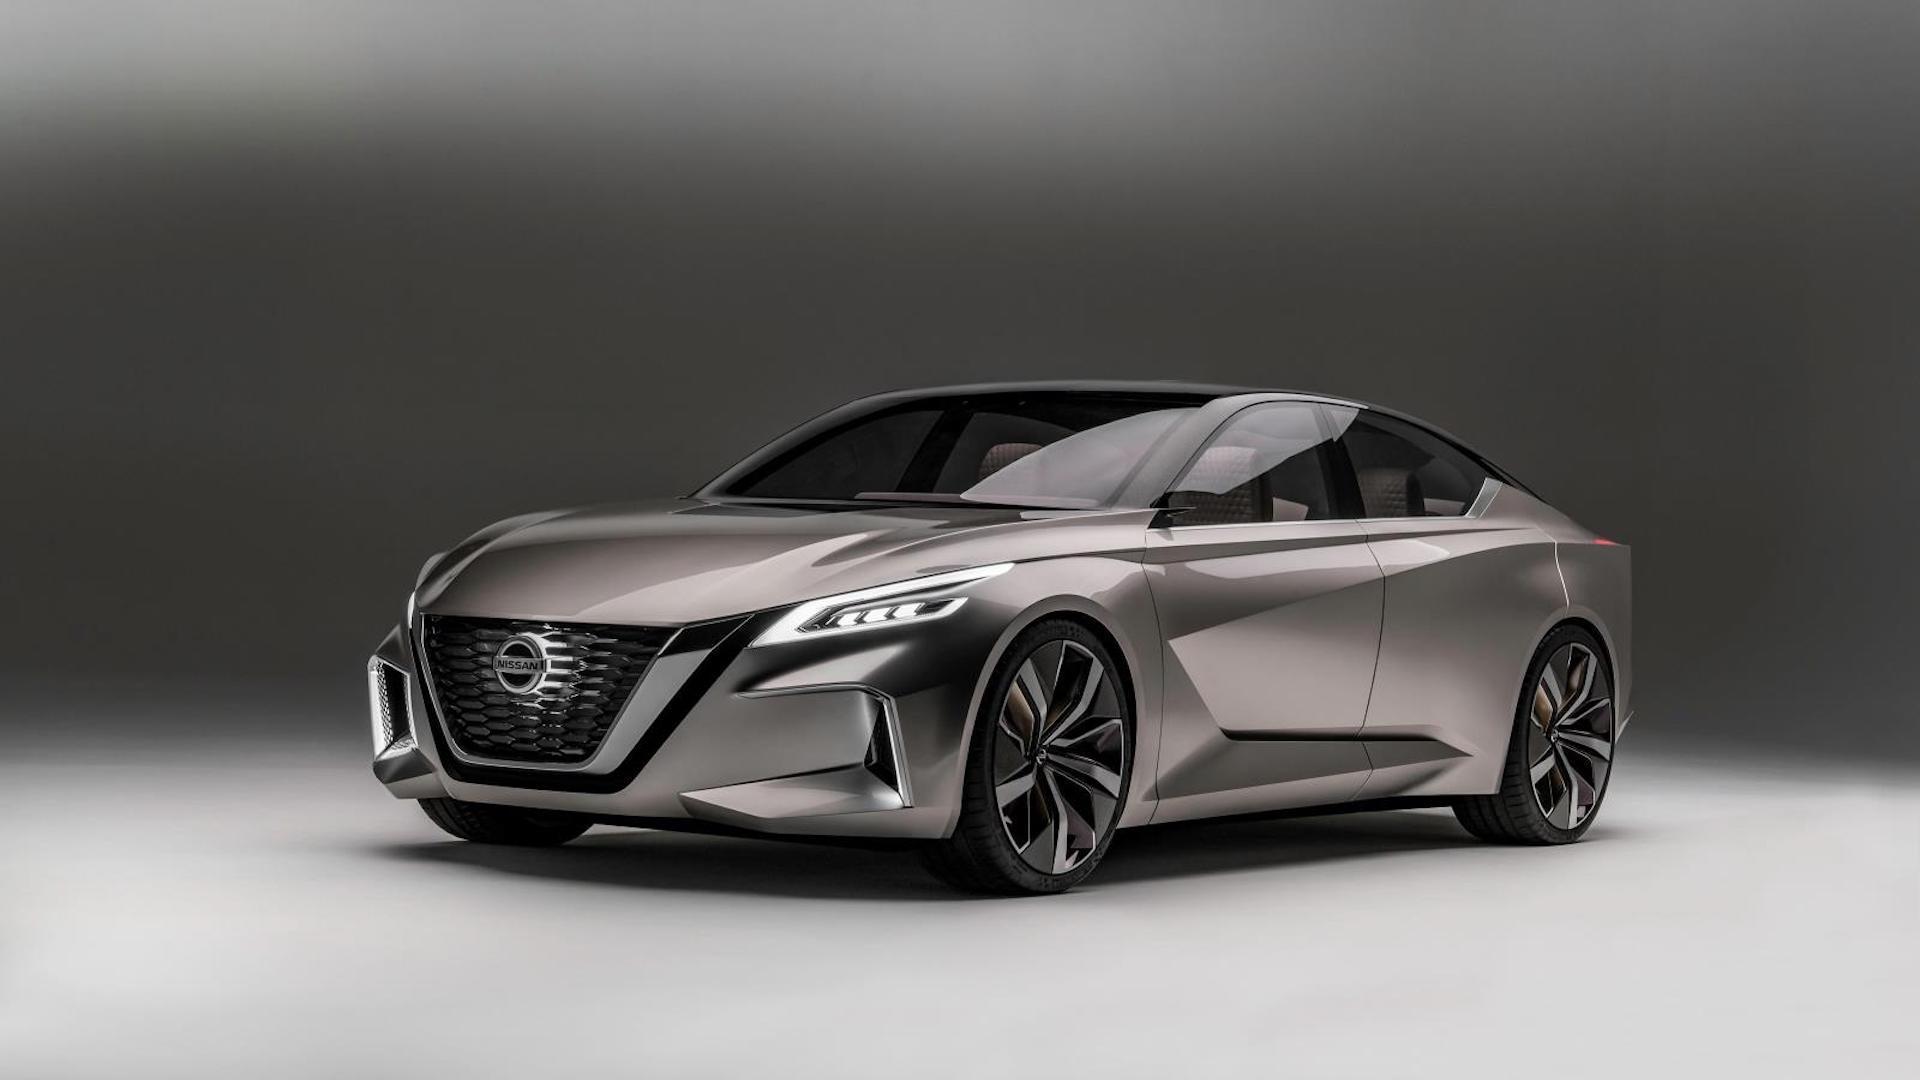 [Imágenes] Este es el novedoso Nissan Concept VMotion 2.0